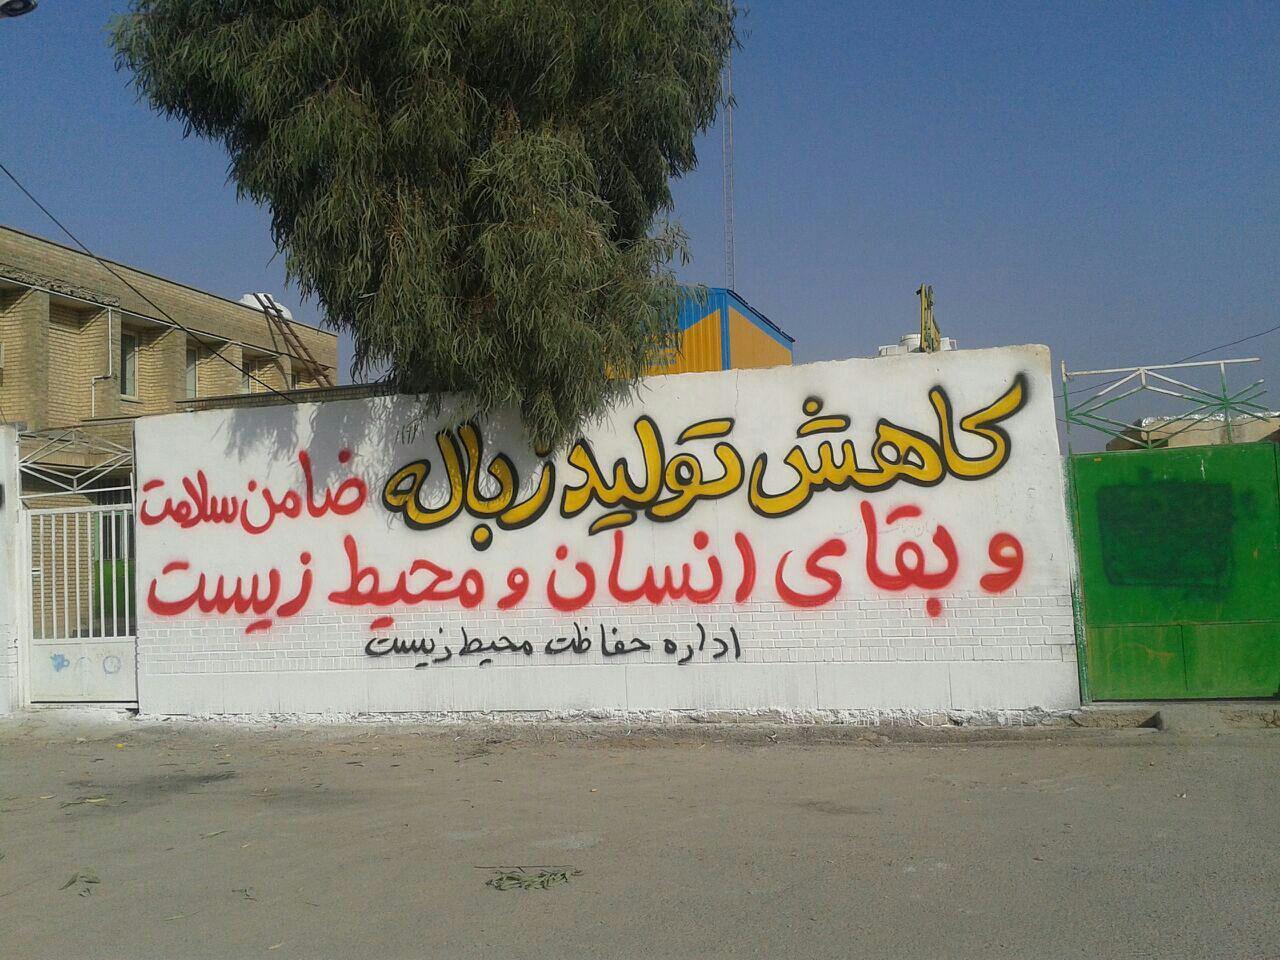 دیوارنویسیهای محیط زیستی محمد داس مه